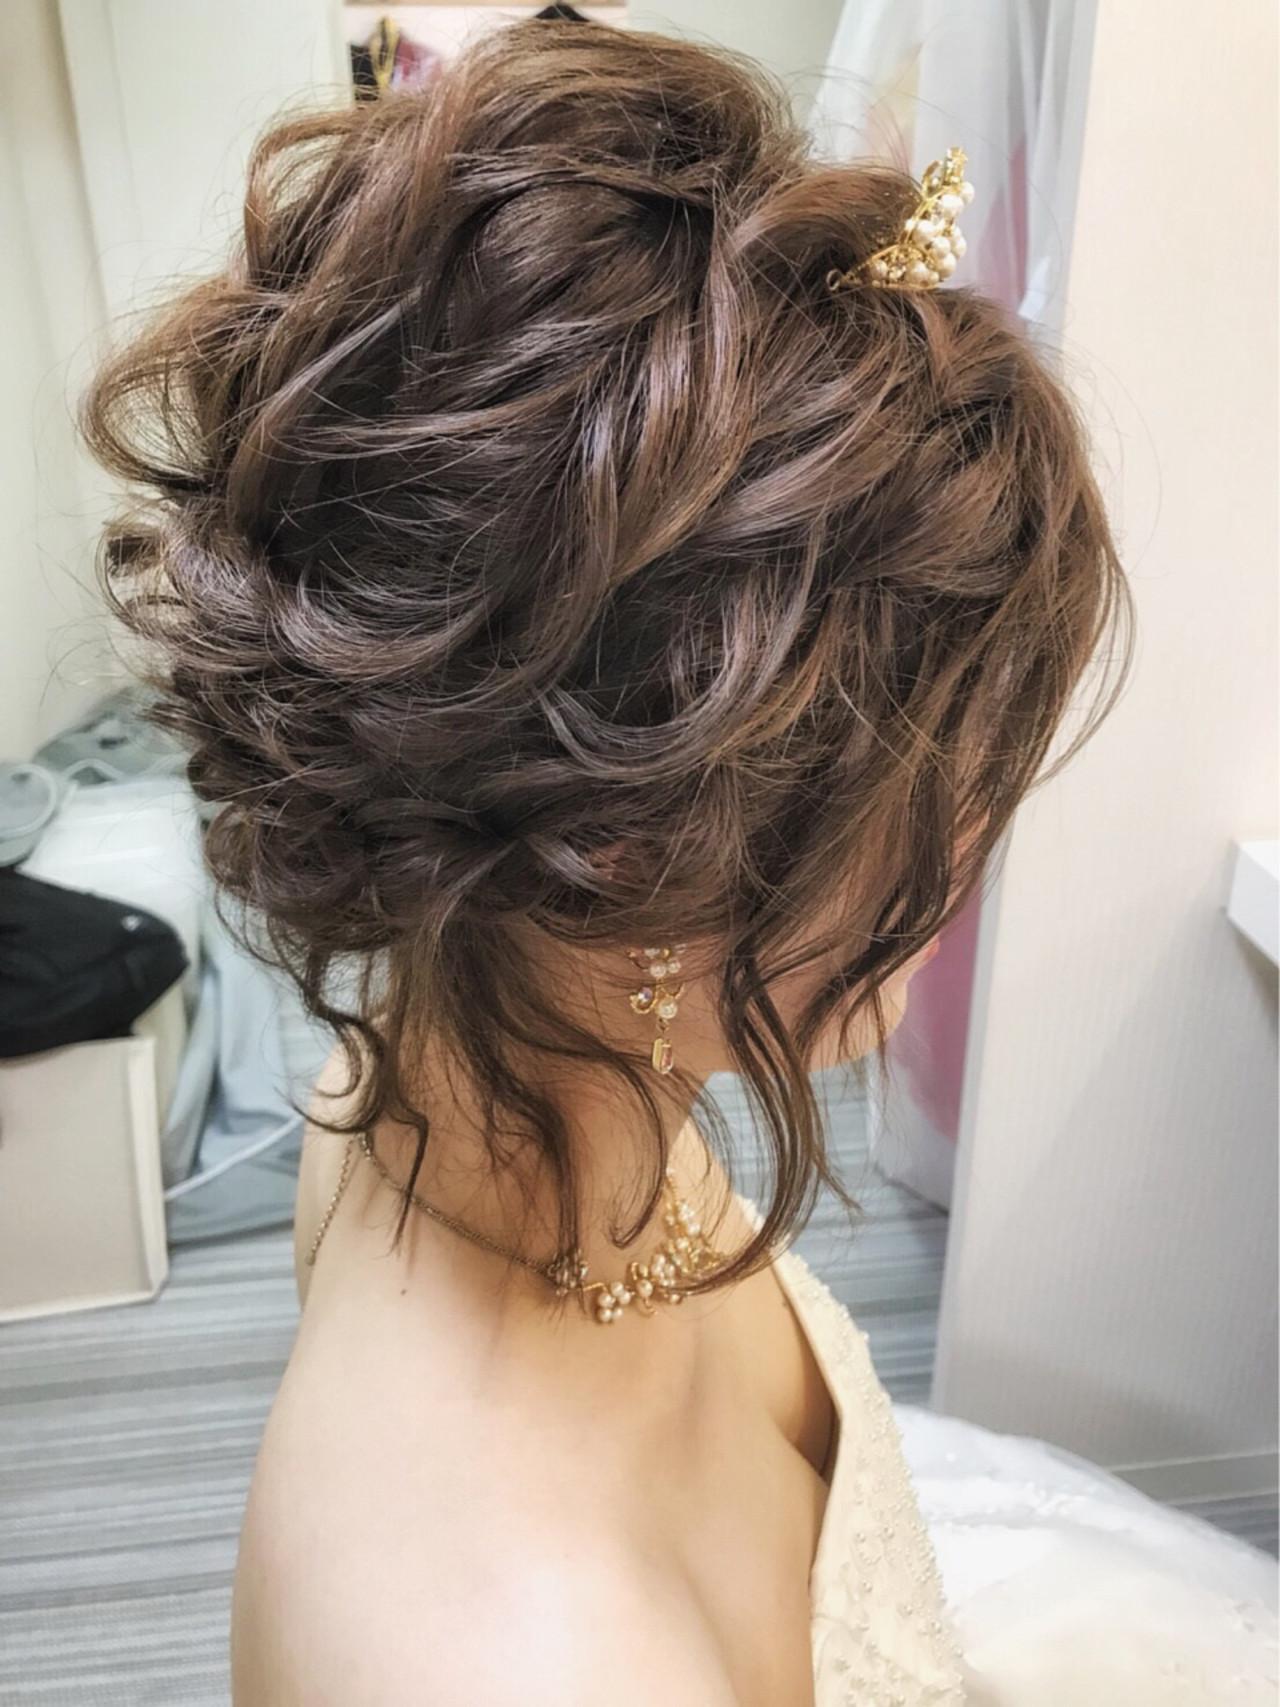 結婚式 エレガント 上品 ヘアアレンジ ヘアスタイルや髪型の写真・画像